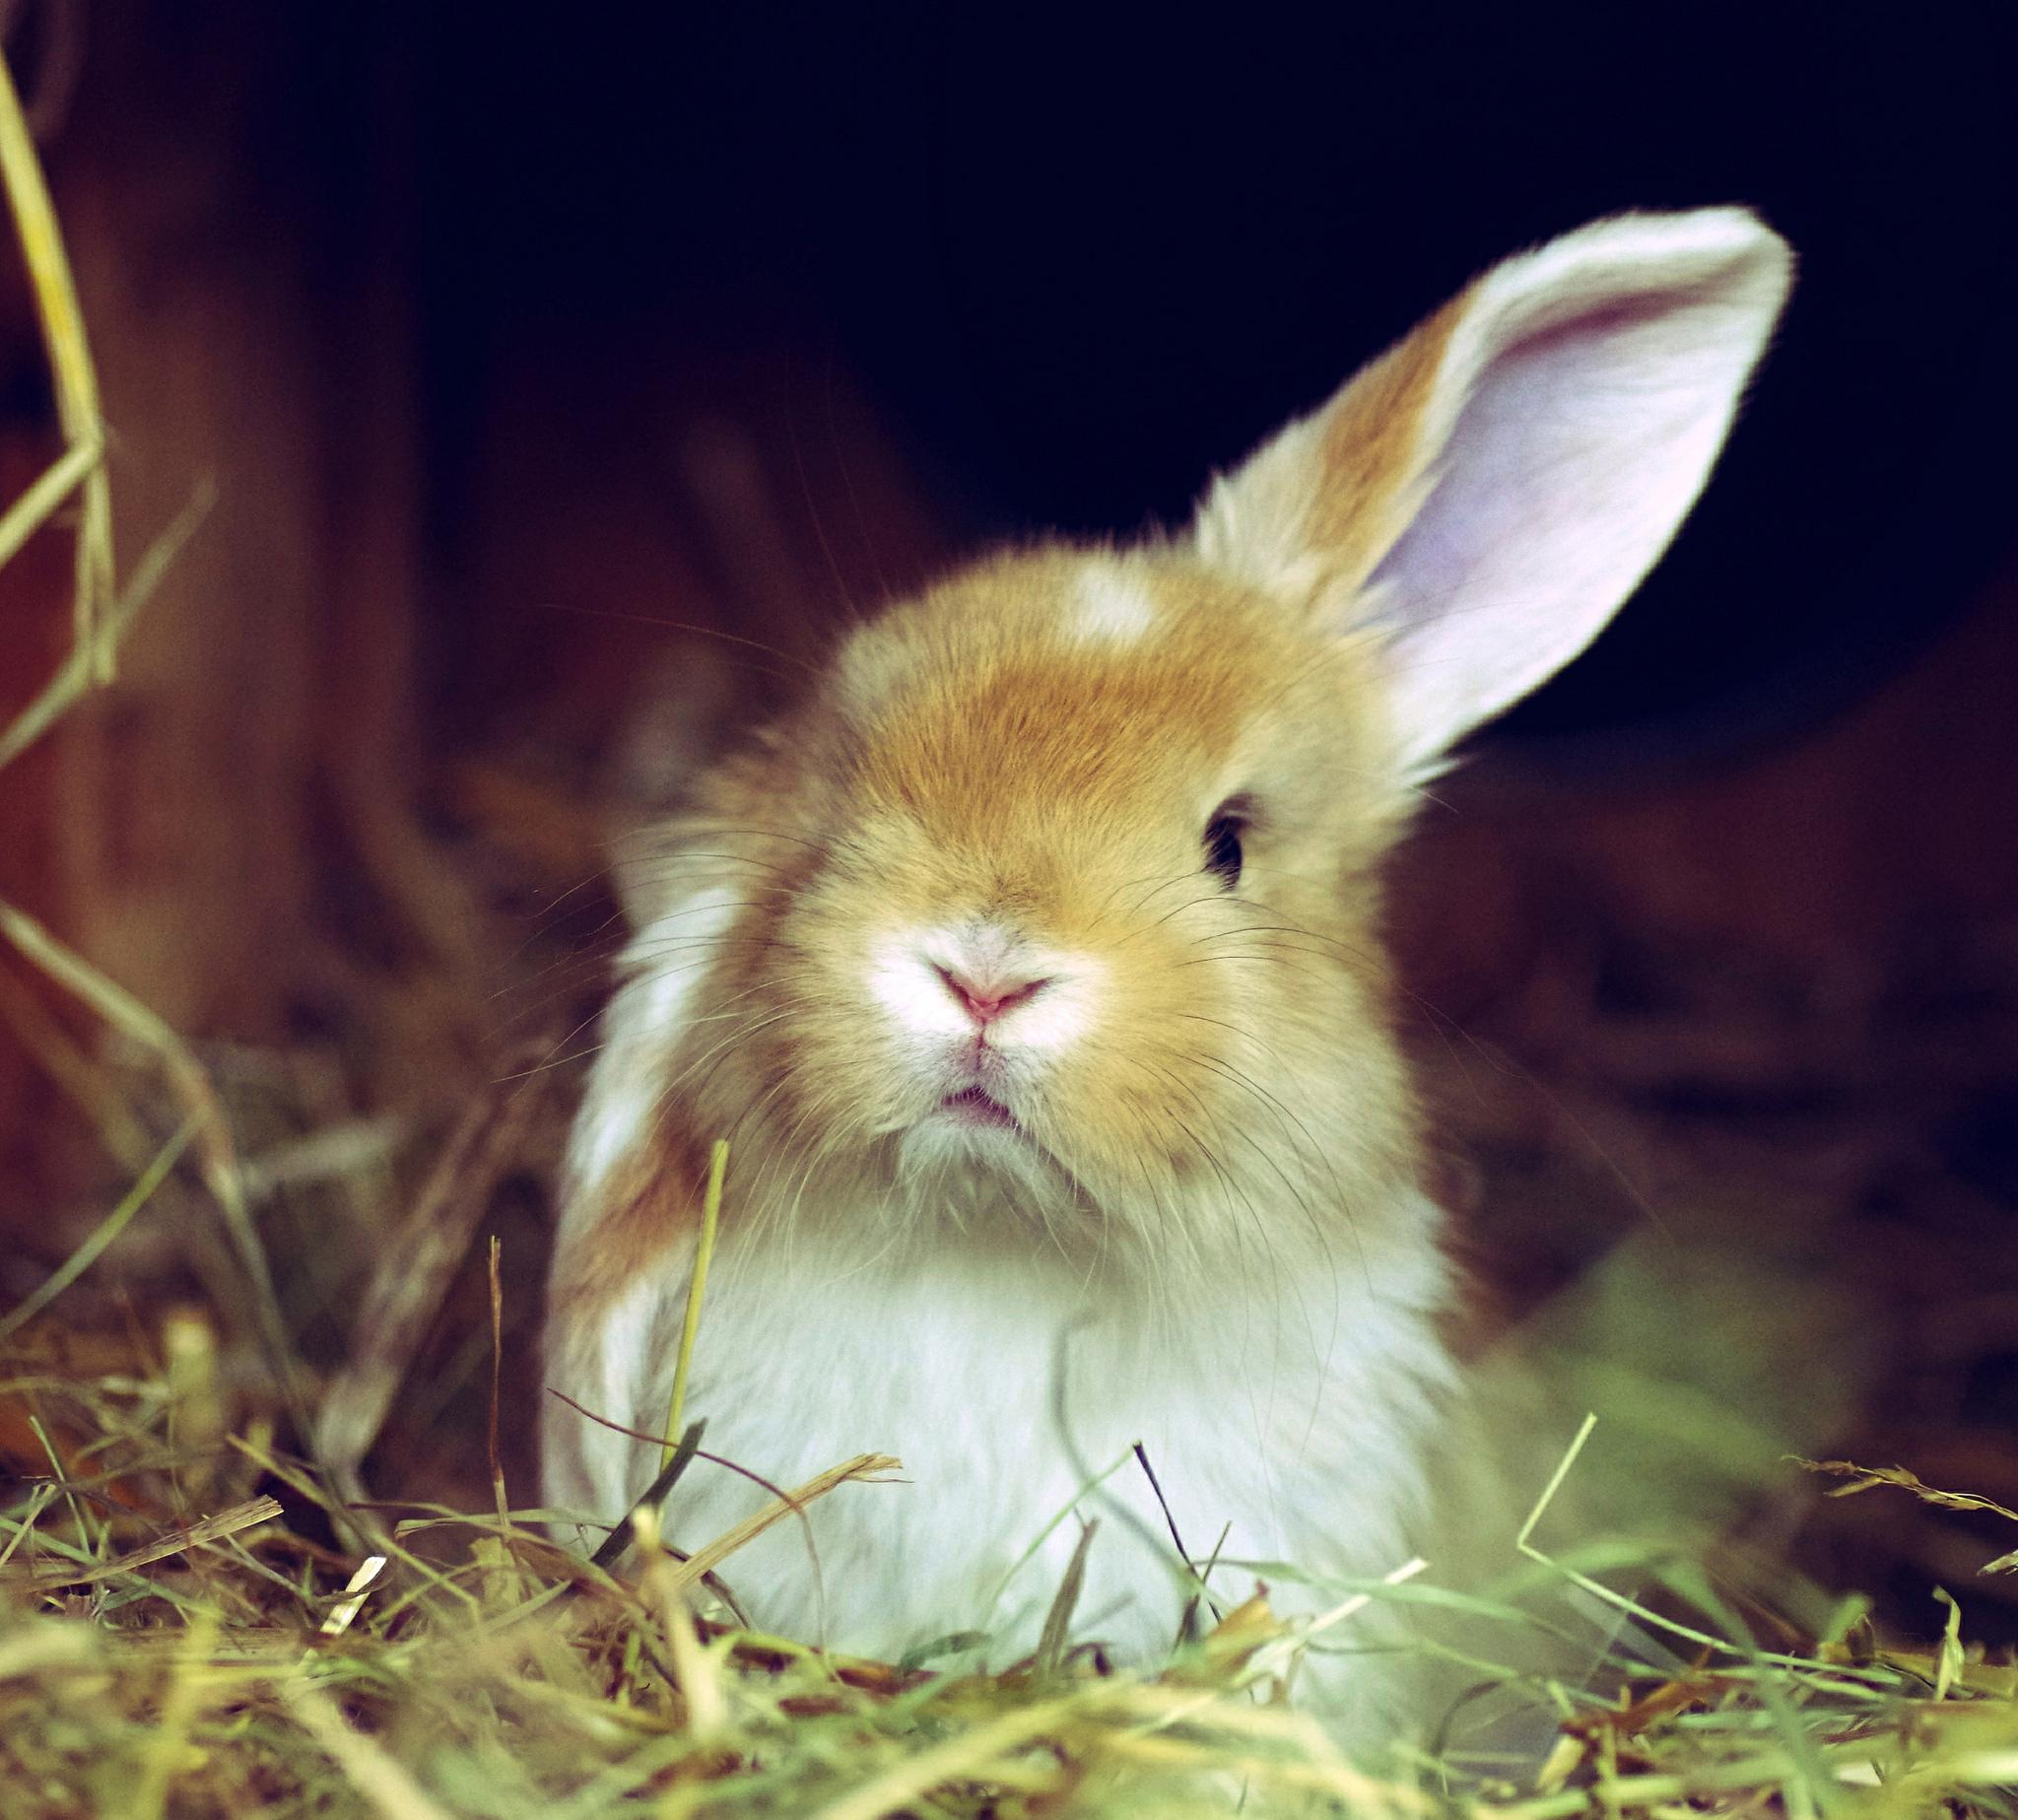 испуганный кролик  № 367706 бесплатно